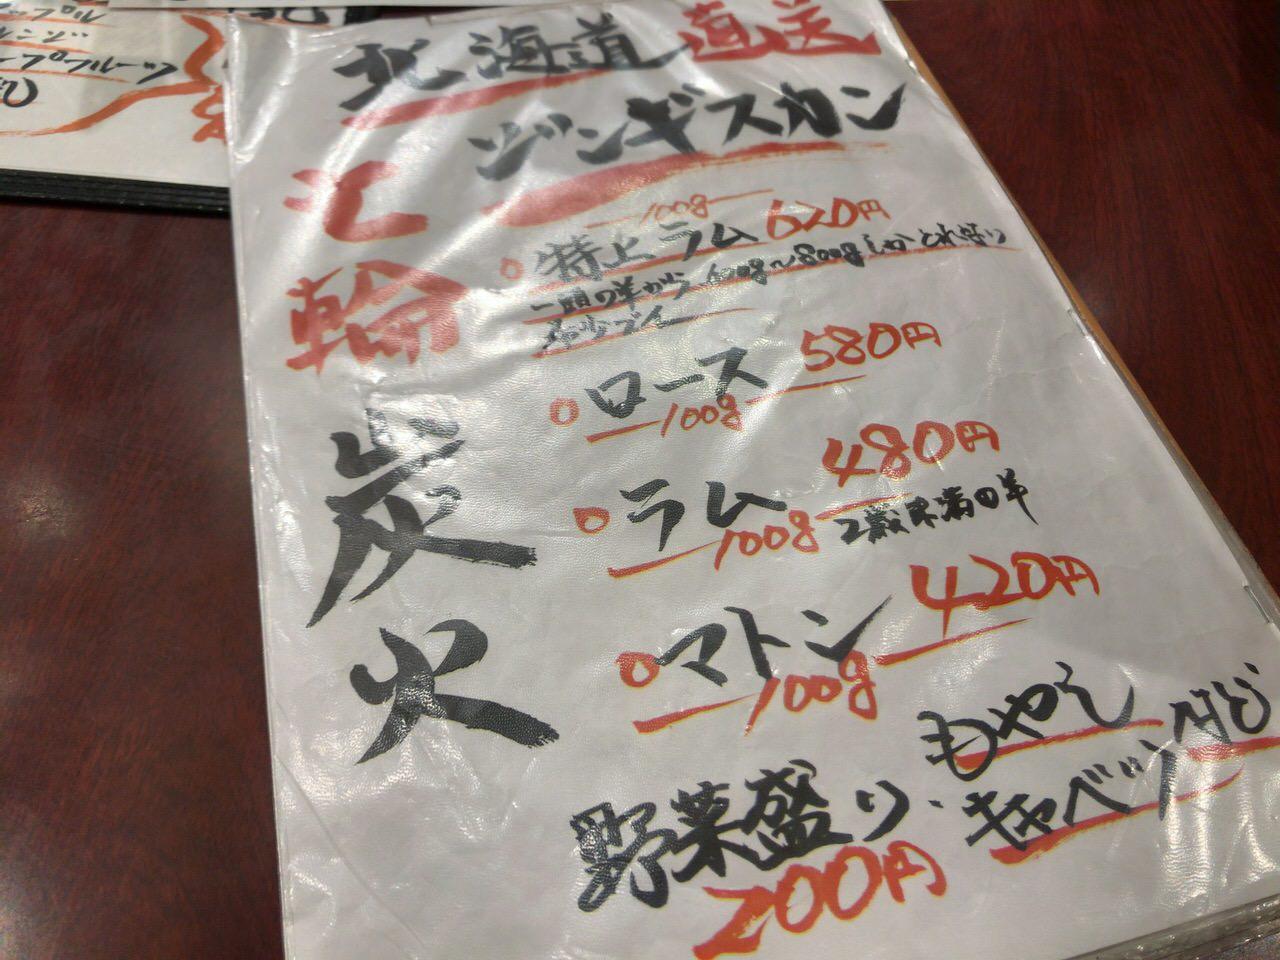 Akebonobashi shokudou 0796